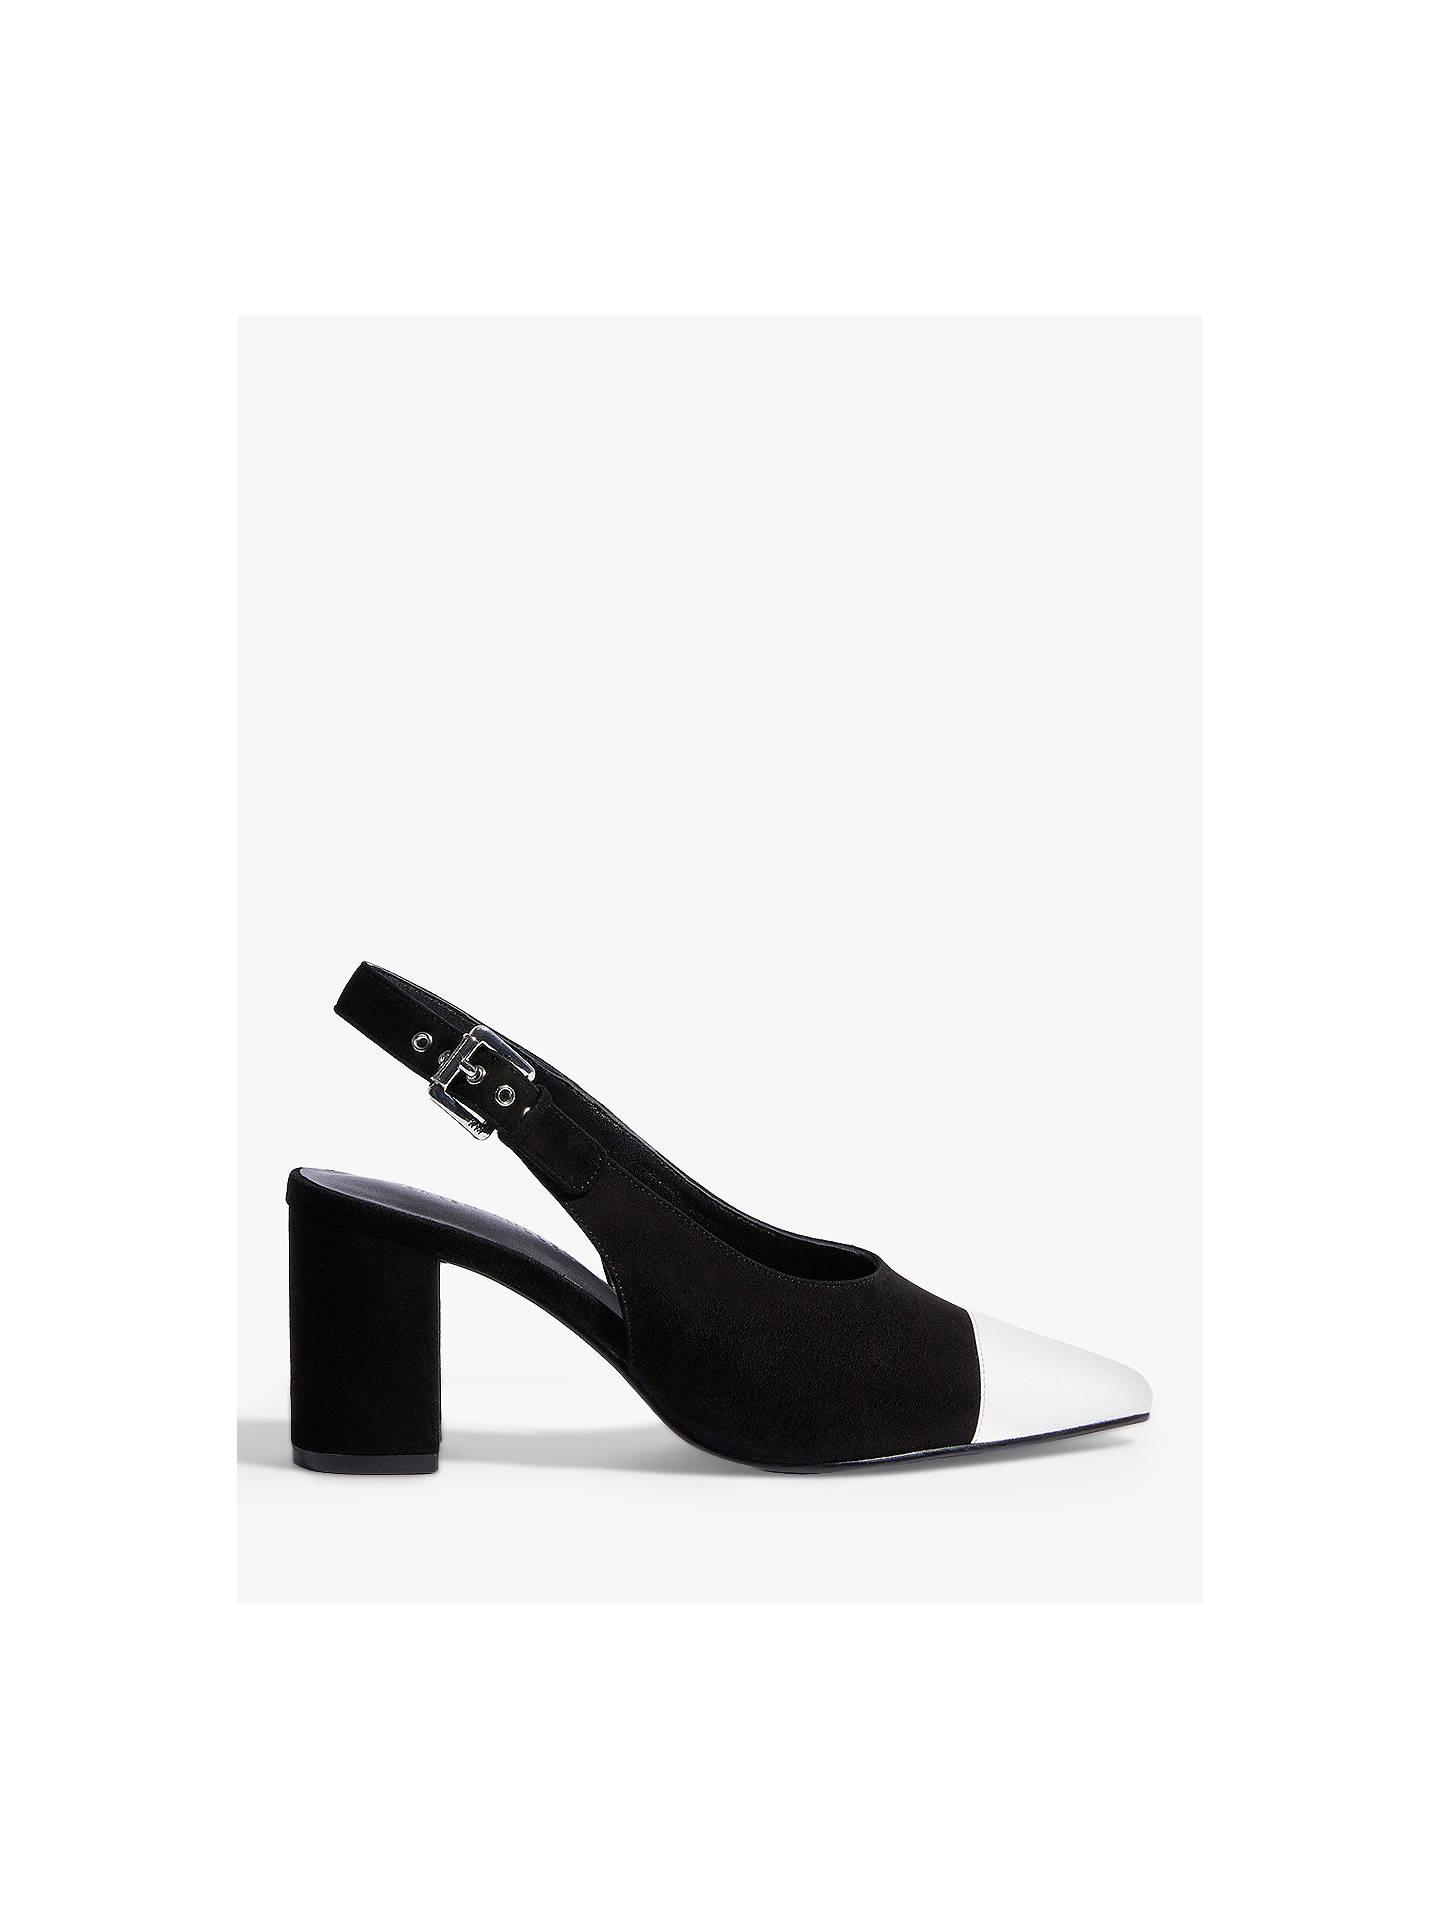 ef2f1c34b9e Karen Millen Block Heel Slingback Court Shoes, Black/White at John ...